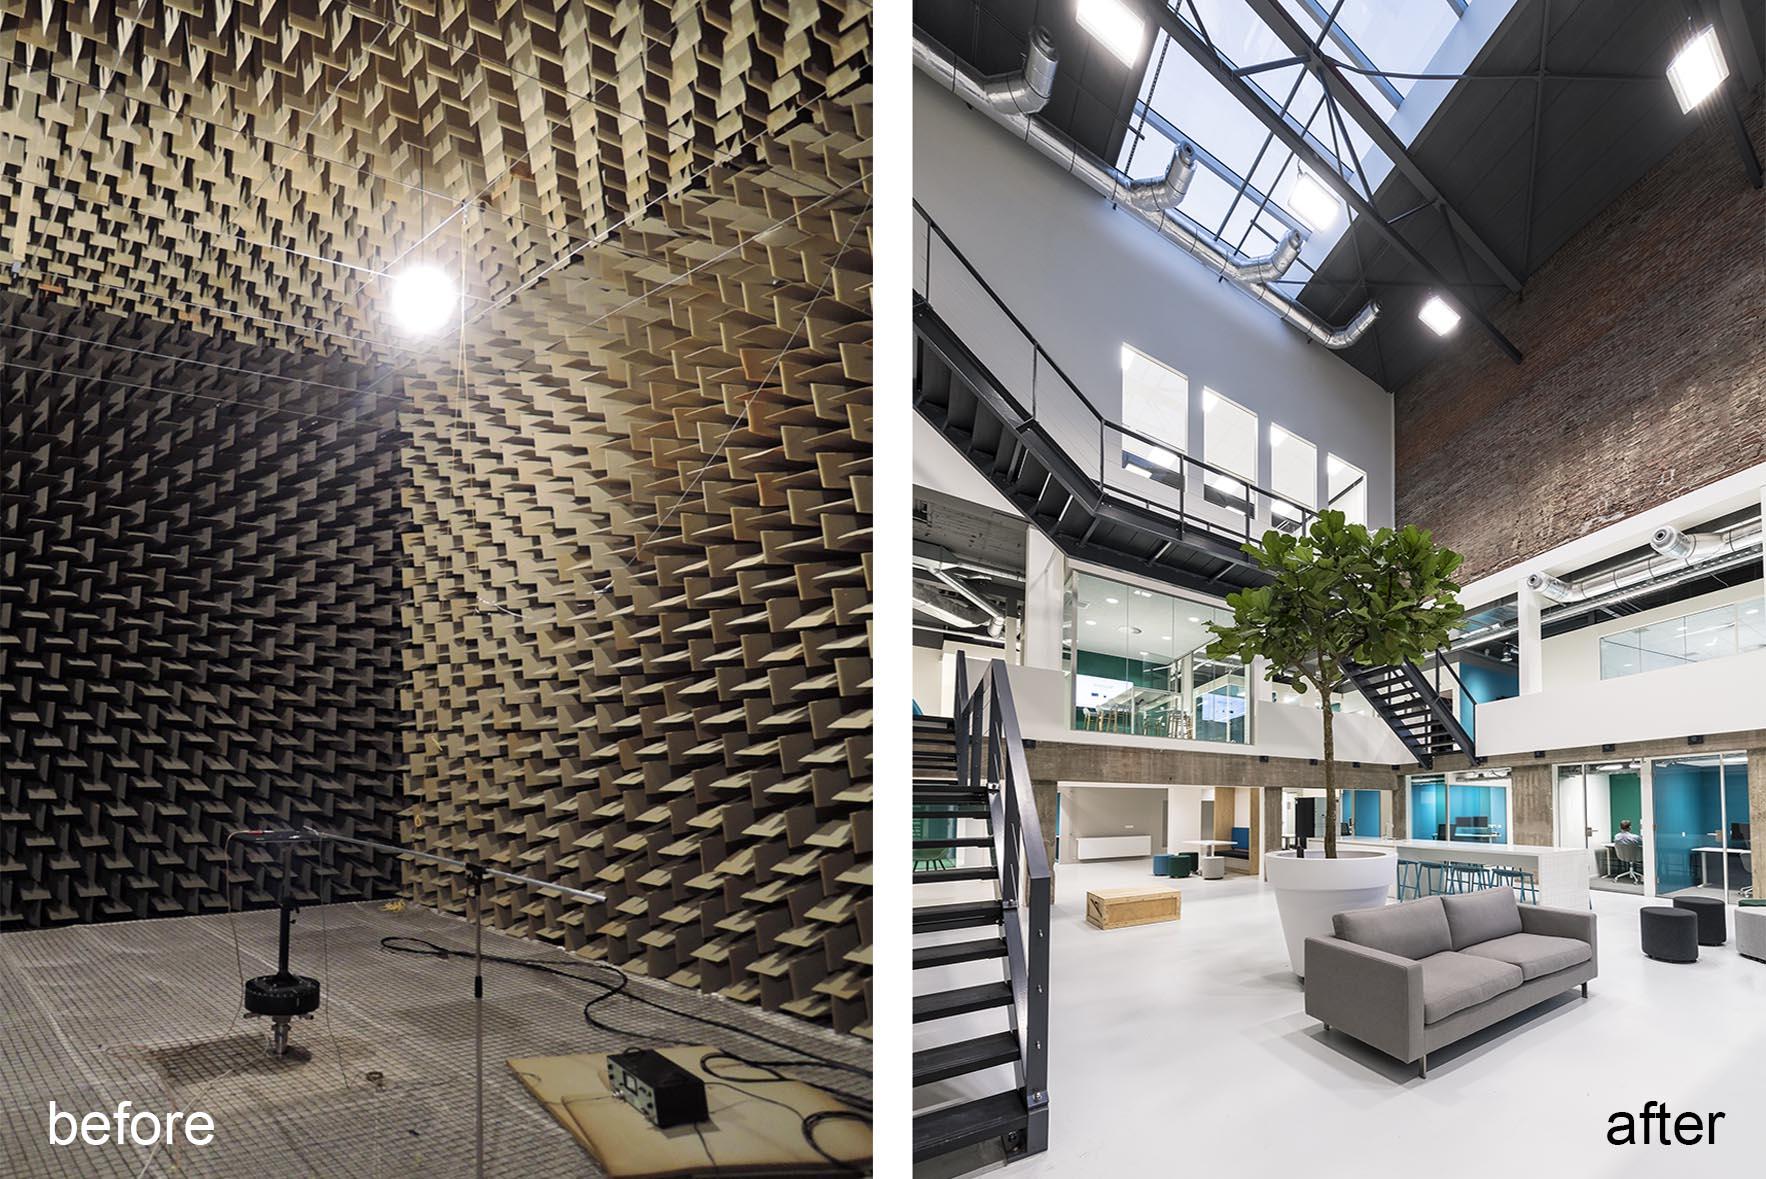 <p>Dode kamer voor, atrium na, fotografie Christiaan de Bruijne</p>